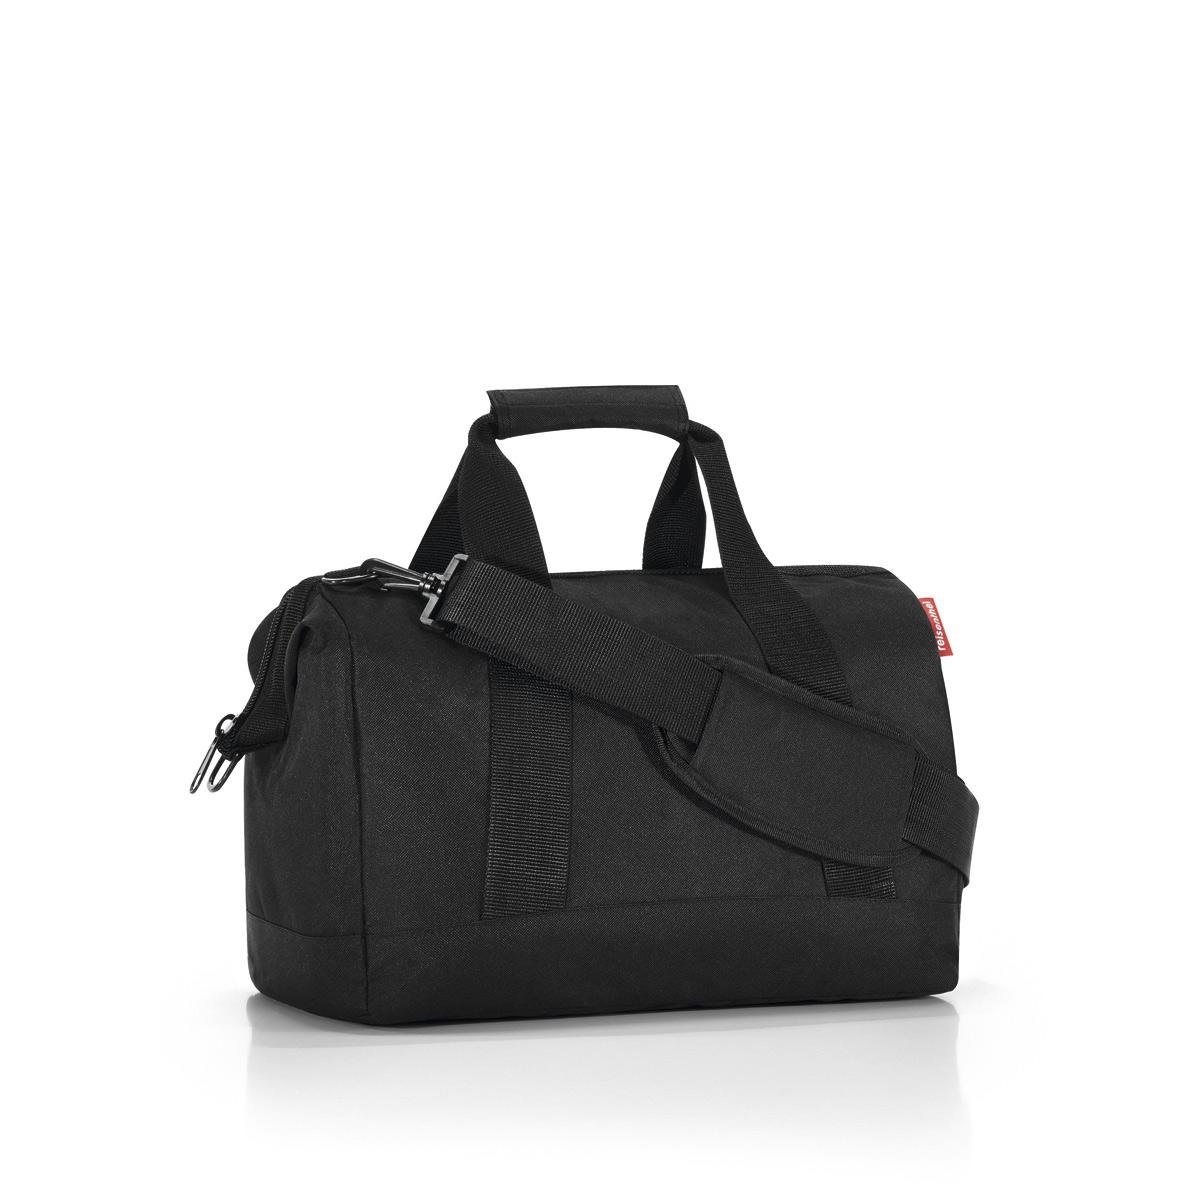 Сумка Reisenthel Allrounder M black, цвет: черный. MS7003579995-400Сумка хоть куда - и в путешествие, и в спортзал. Вместит все, от носков до пиджака. Приятные объемные стенки и дно создают силуэт, напоминающий старинные врачебные сумки. Застегивается на молнию, плюс внутрь встроены металлические скобы, фиксирующие ее в открытом состоянии. Внутри 6 кармашков для организации вещей. У сумки две удобные ручки и ремень регулируемой длины. Объем - 18 литров.